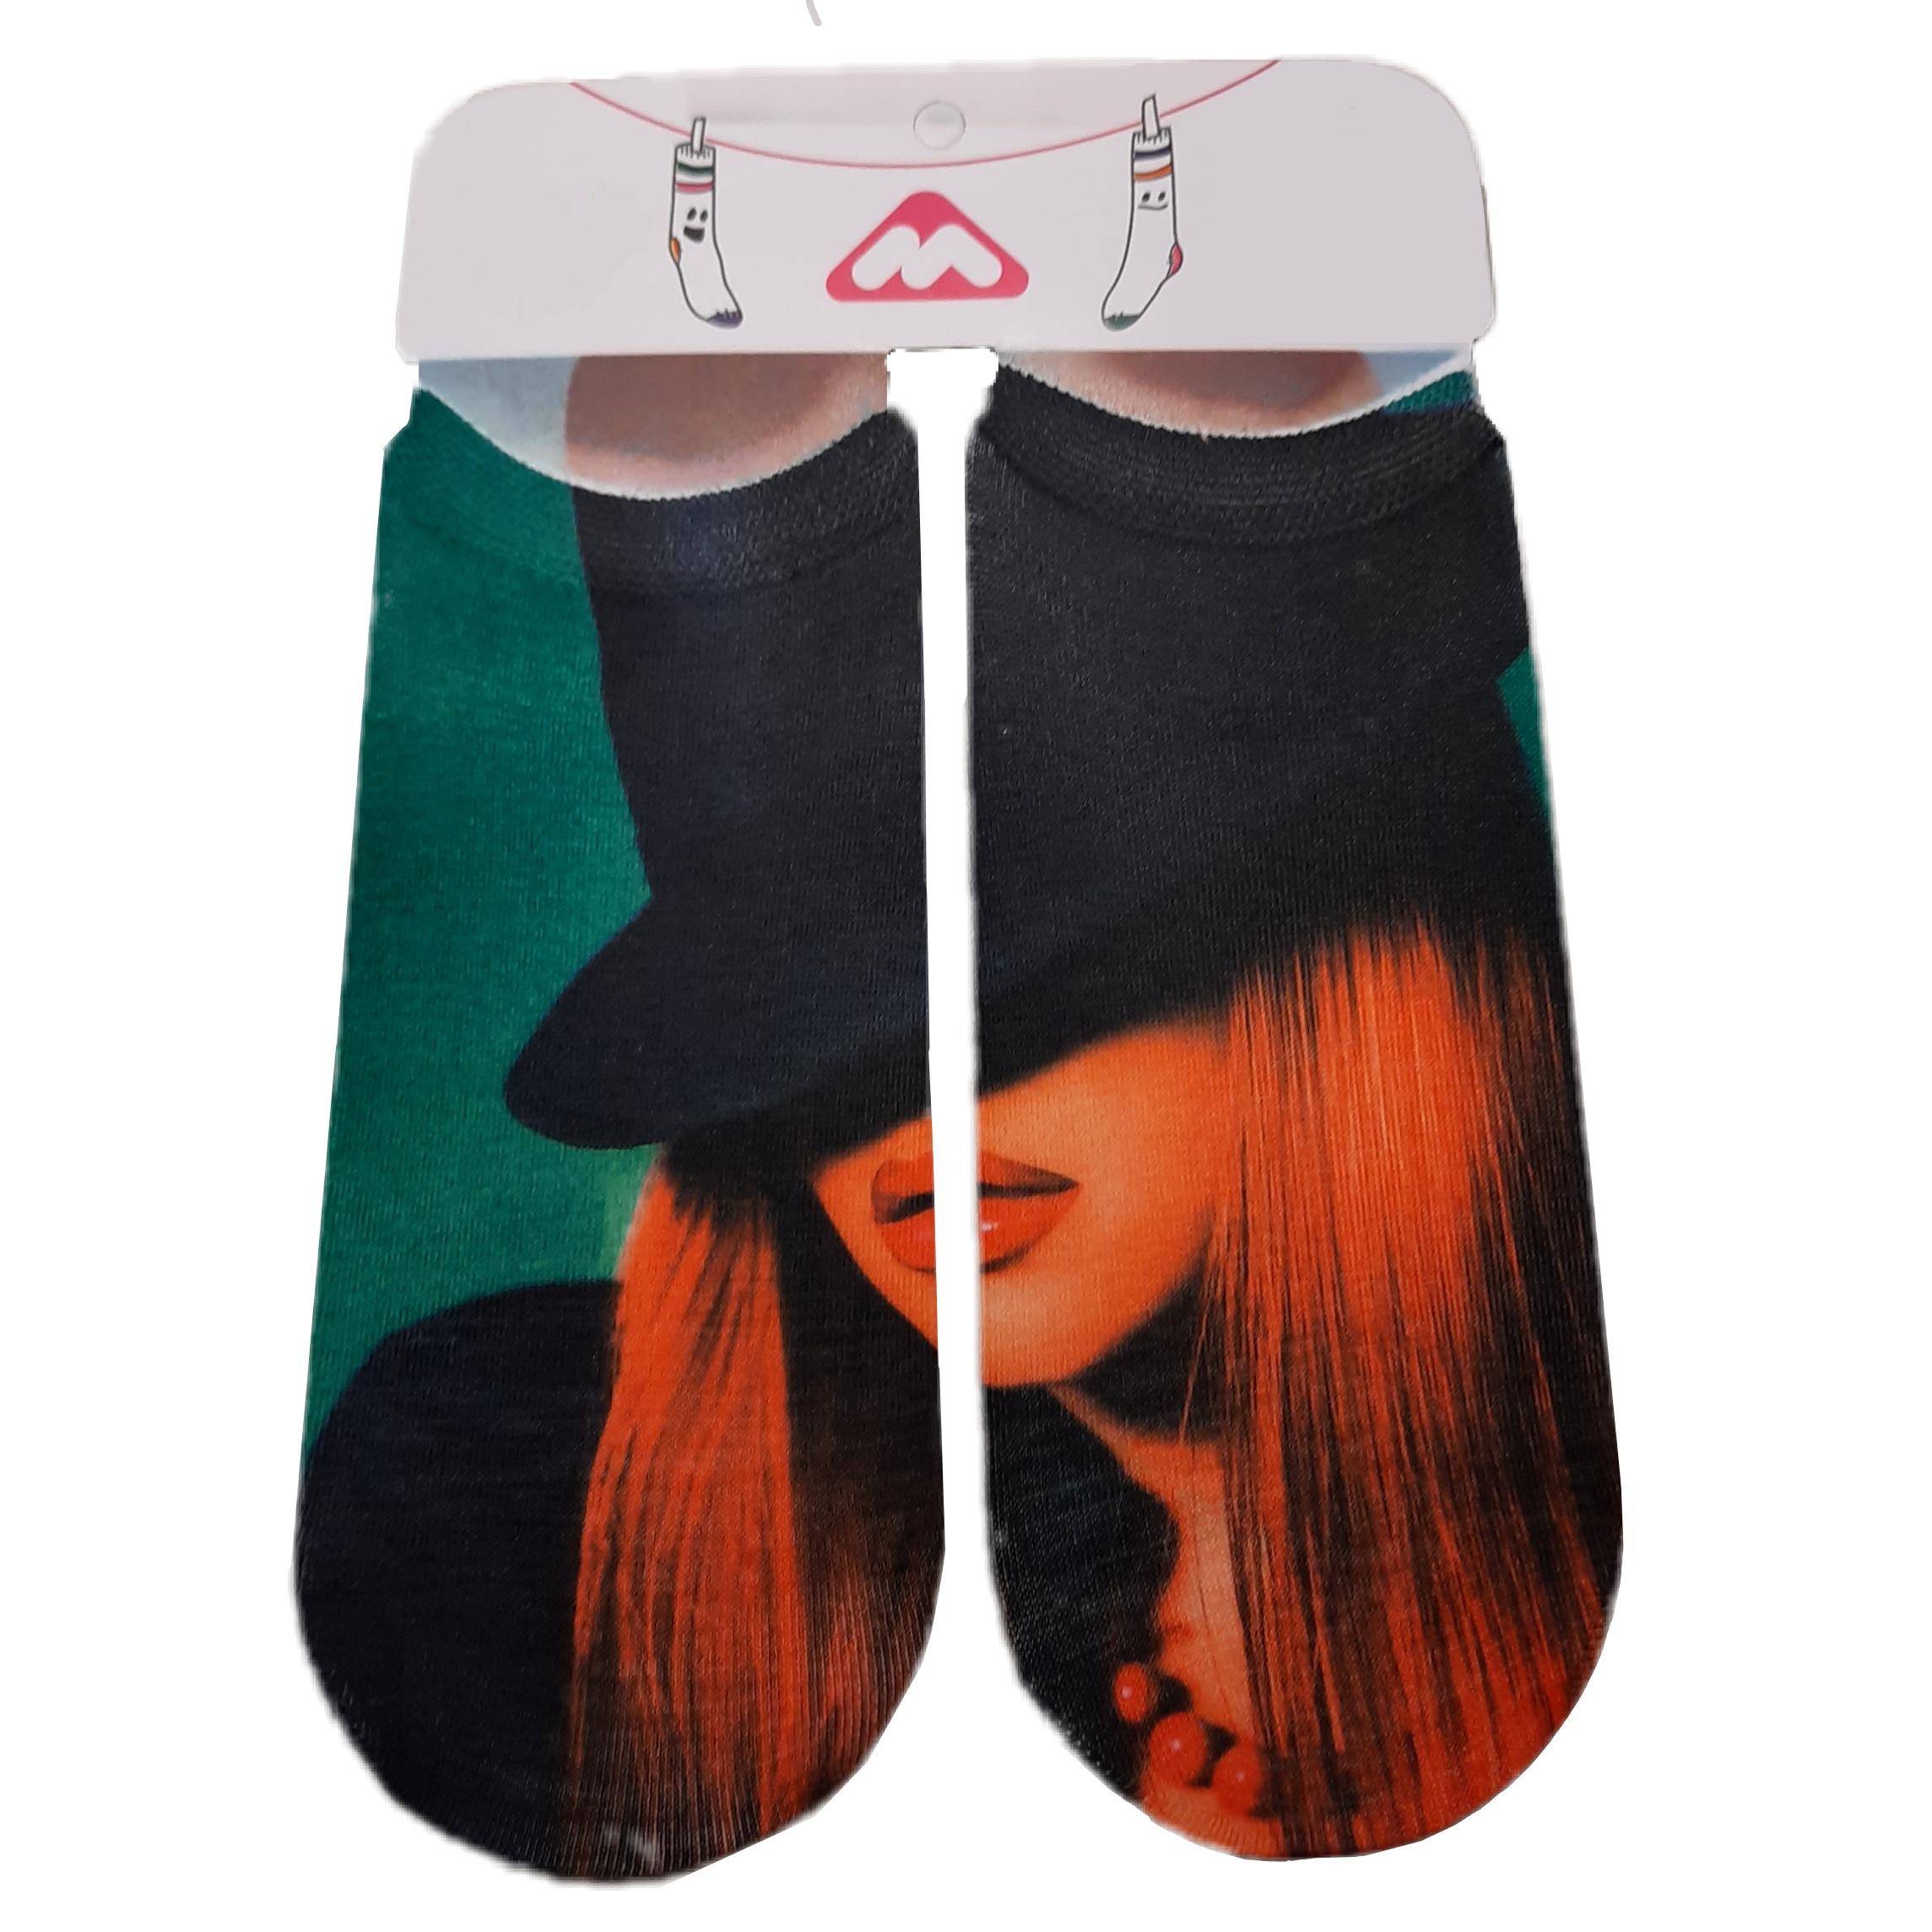 جوراب زنانه کد 10-2